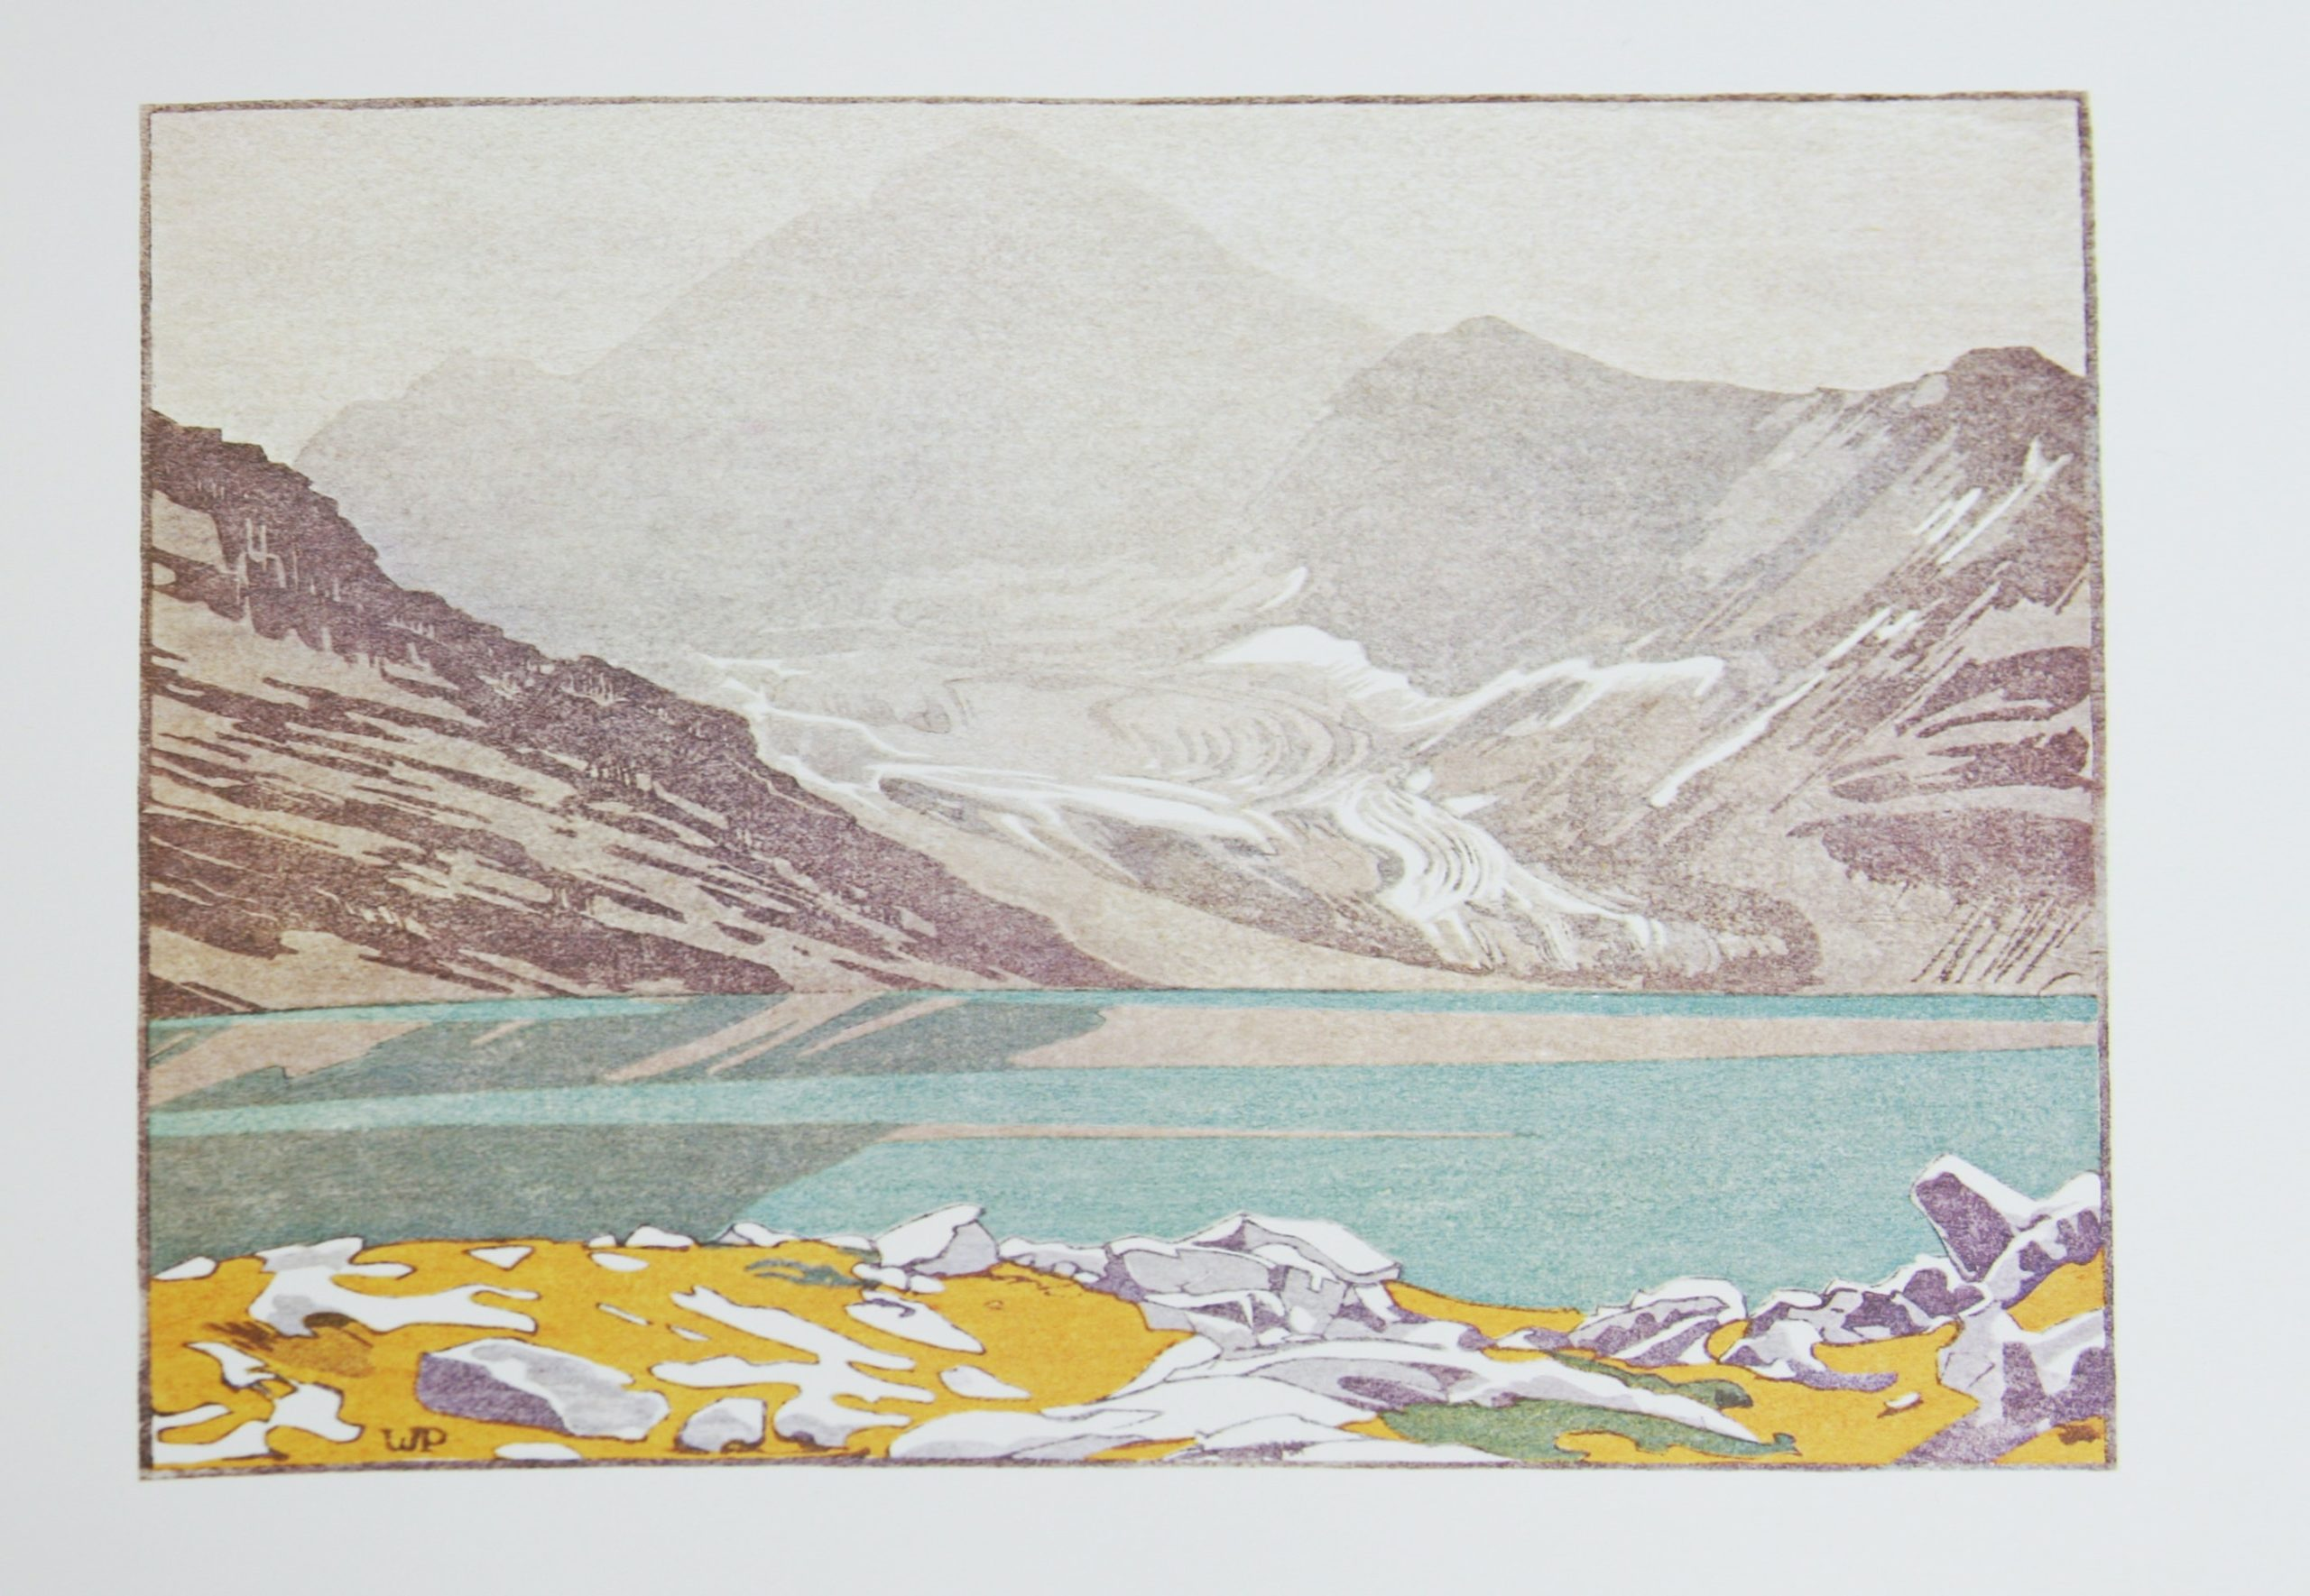 Lake MacArthur